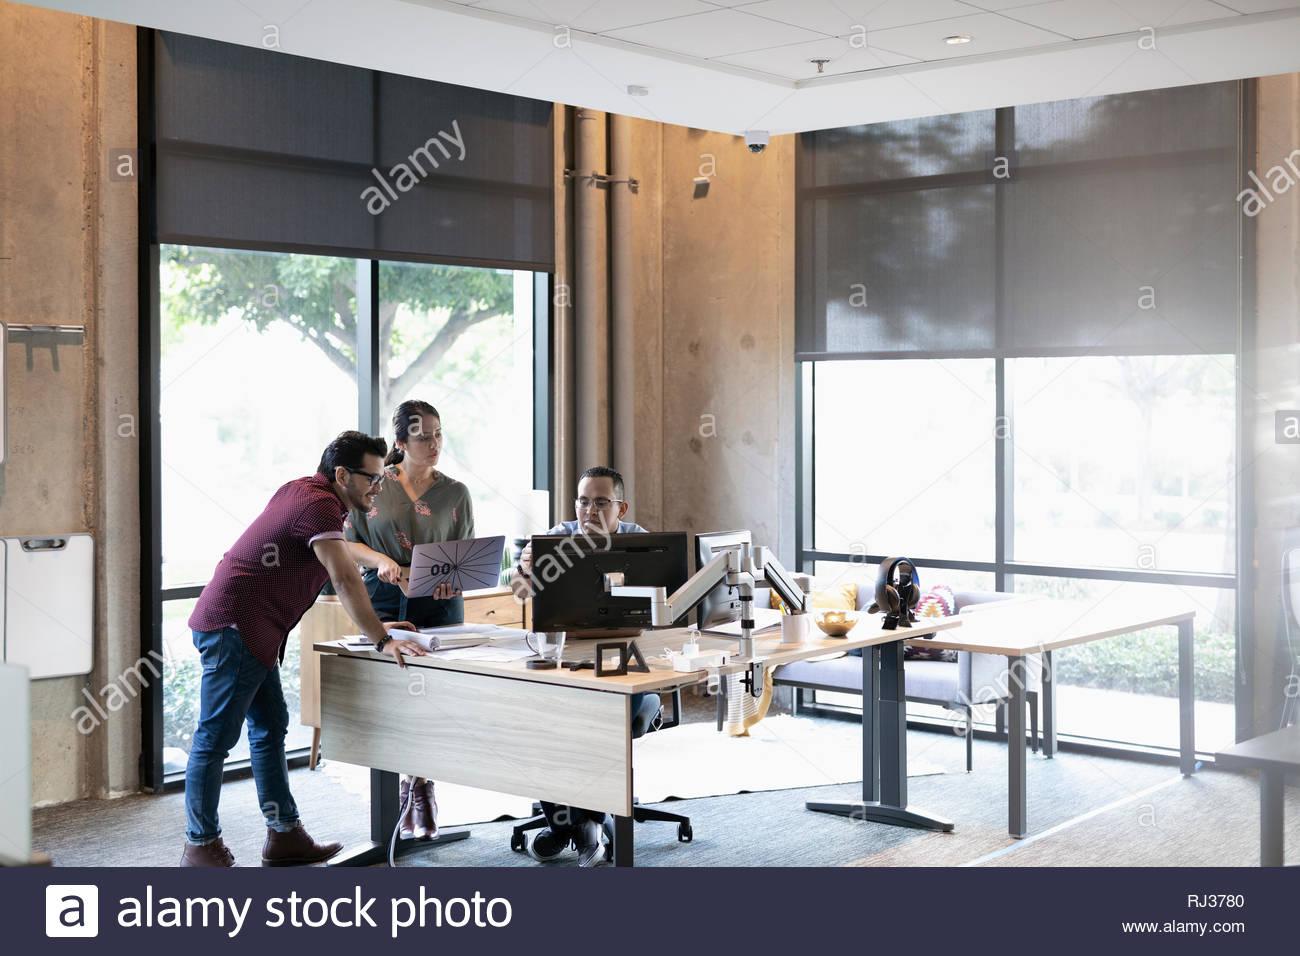 Les gens d'affaires à l'aide d'ordinateur portable et ordinateur en réunion de bureau Photo Stock